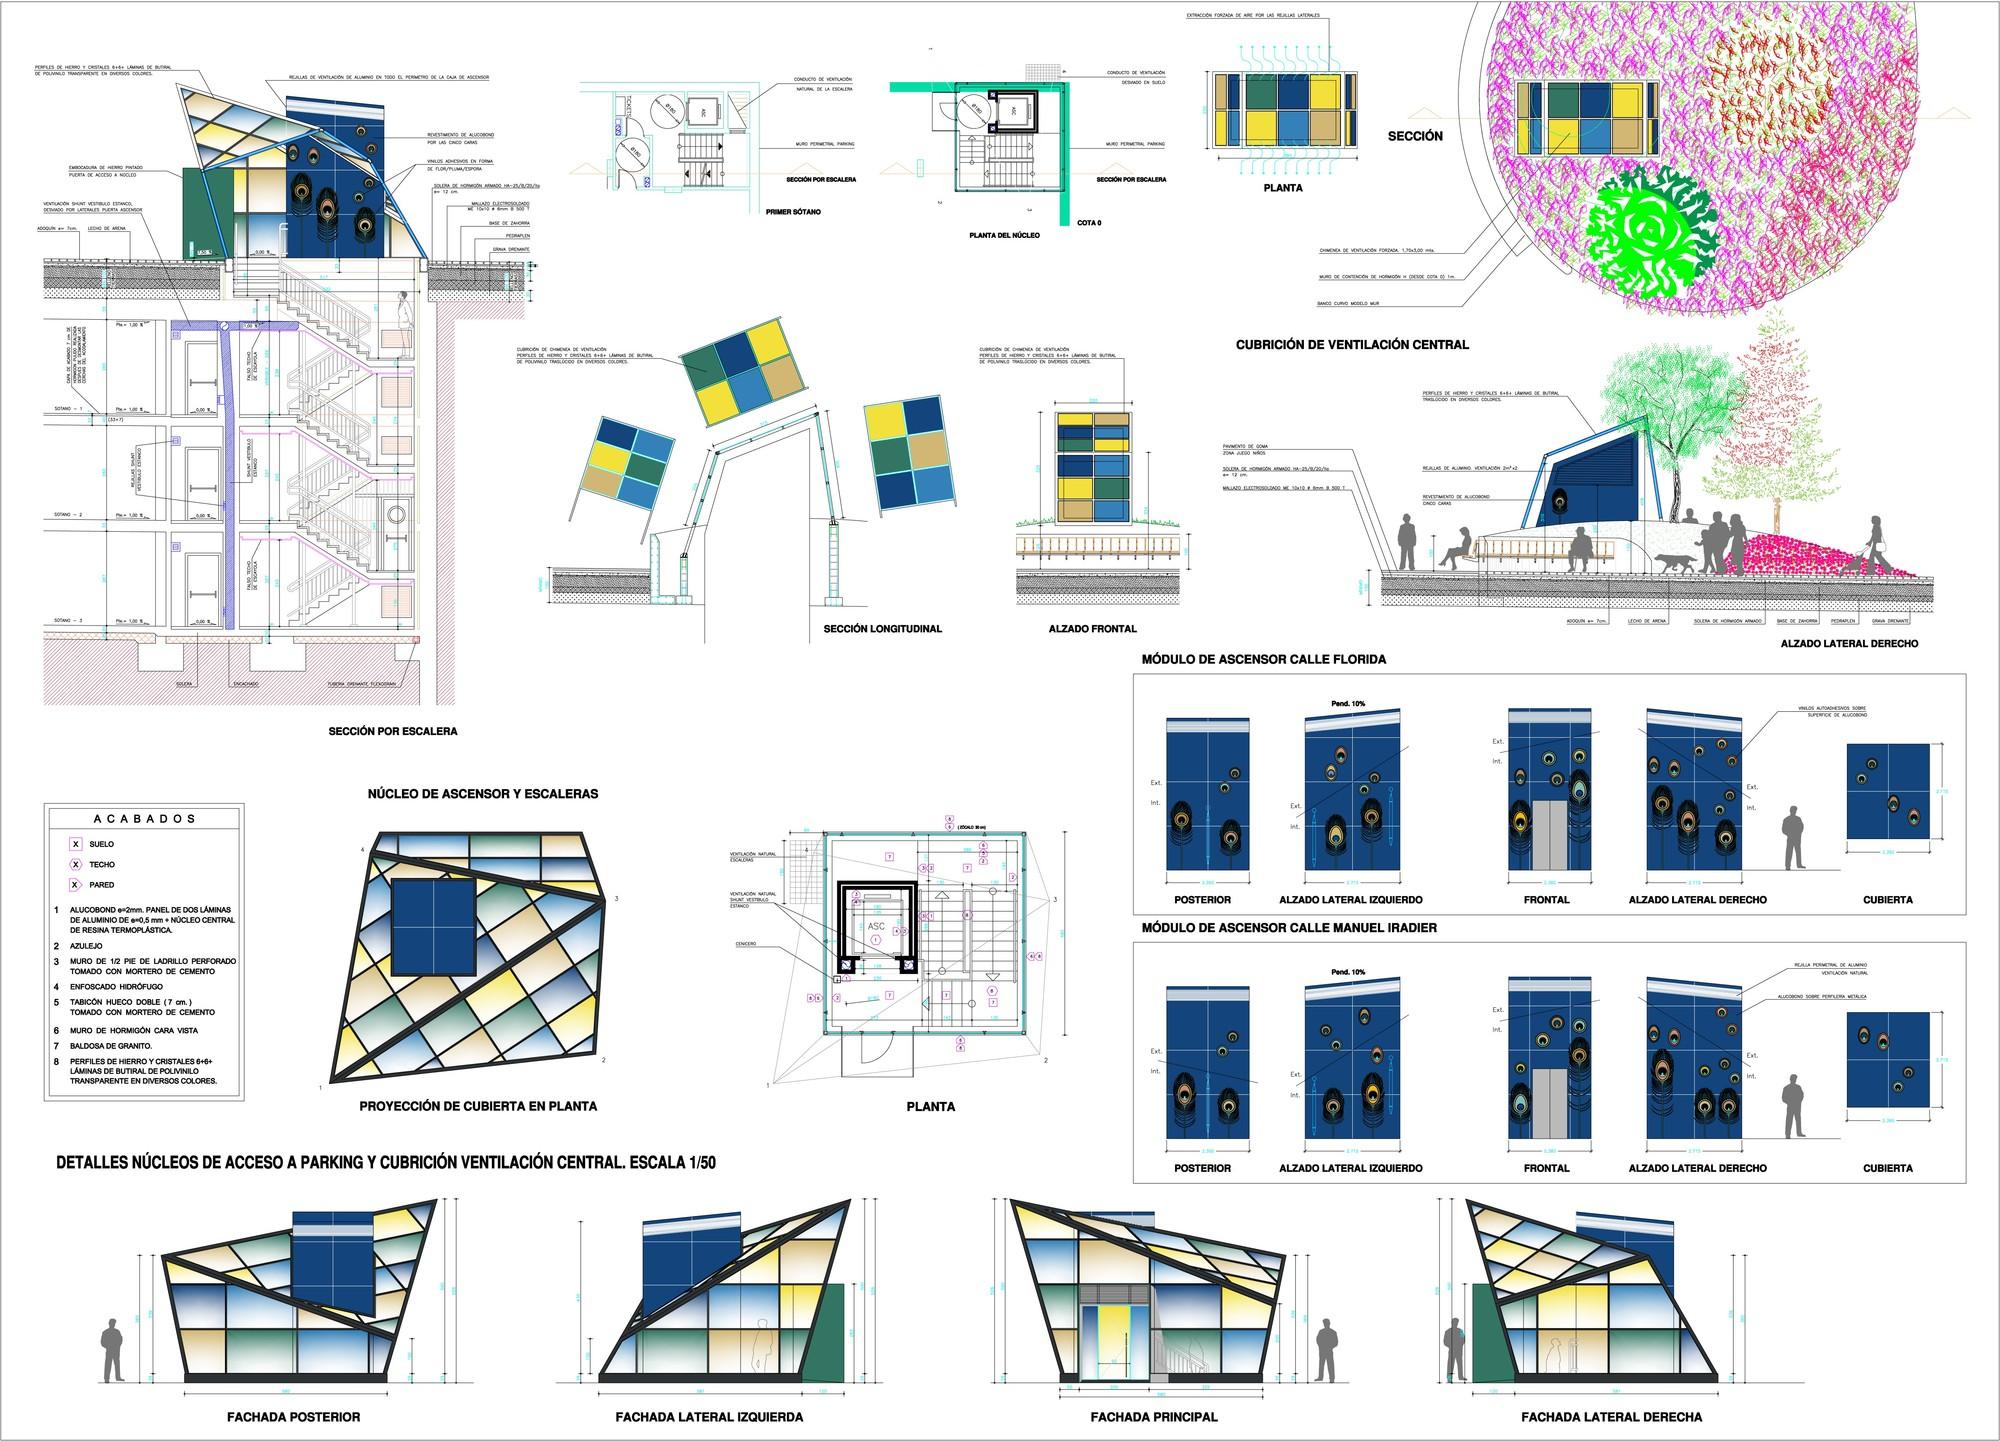 Urbanización de la Plaza Amárica / Apraiz Arquitectos